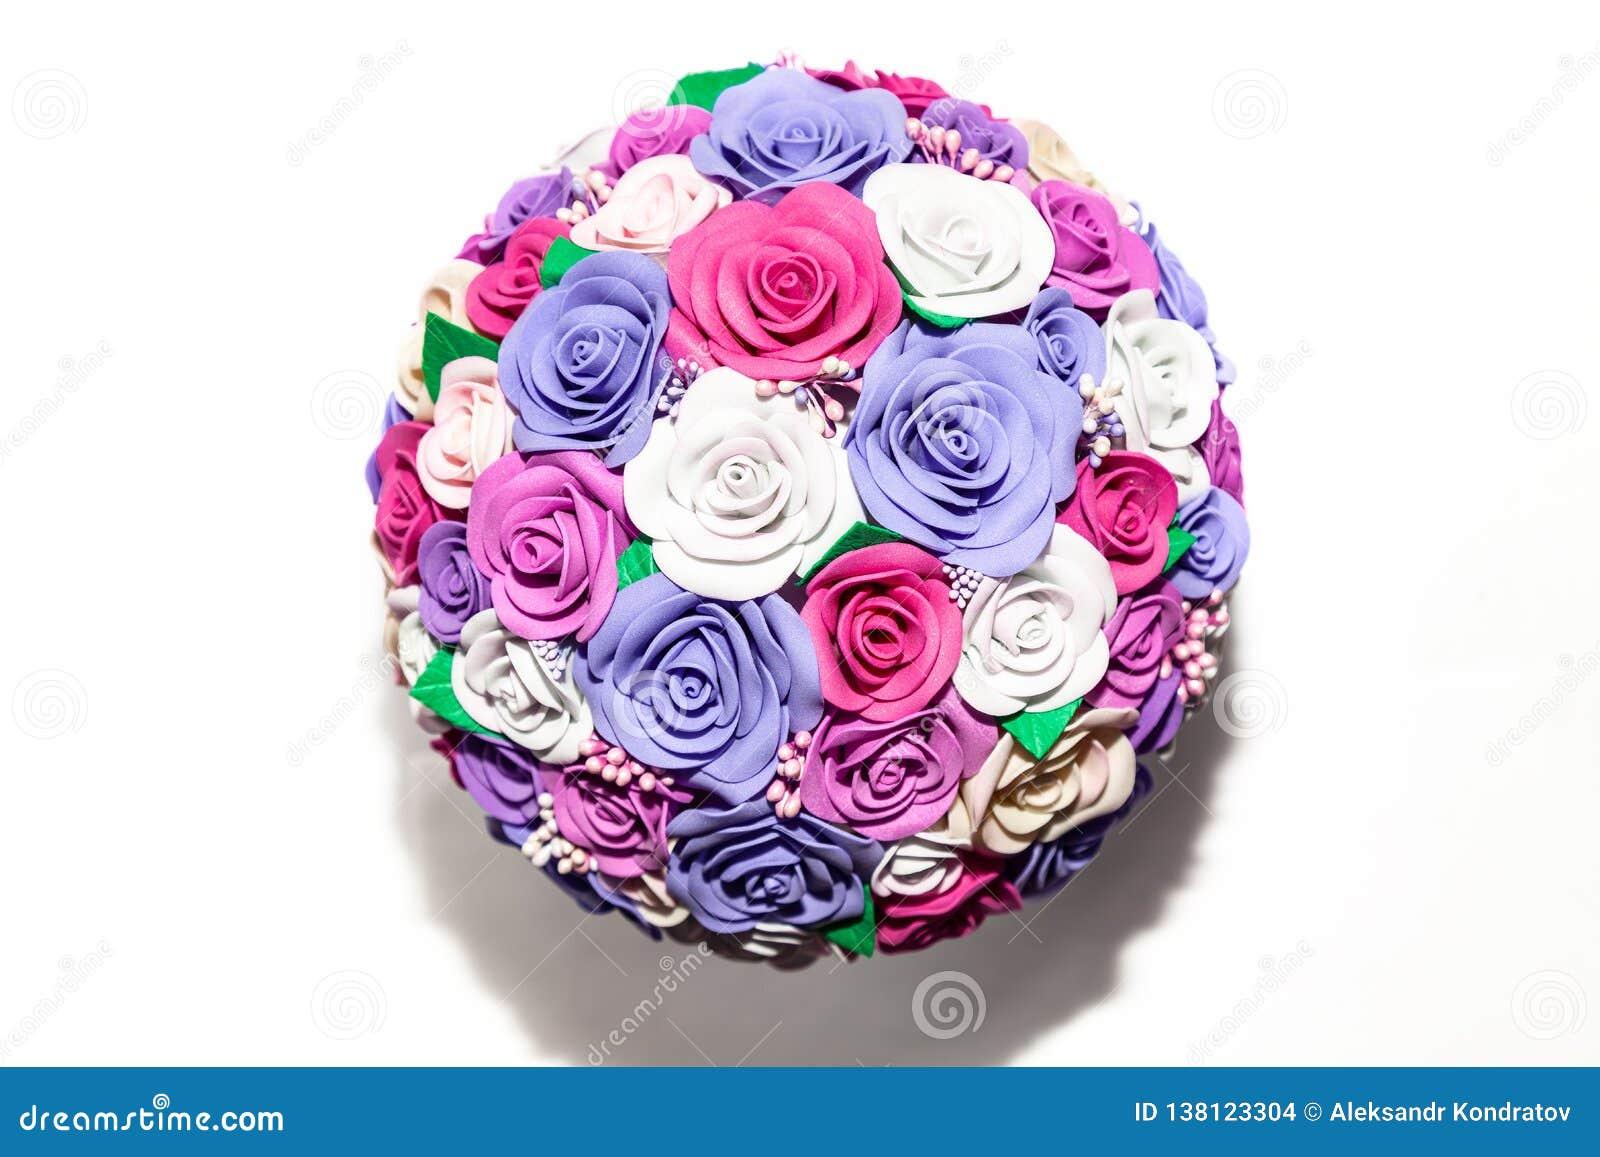 En närbild av en romantisk konstgjord bukett av blommor av ett lila, rosa och vitt tyg på en tom bakgrund är en gåva för a